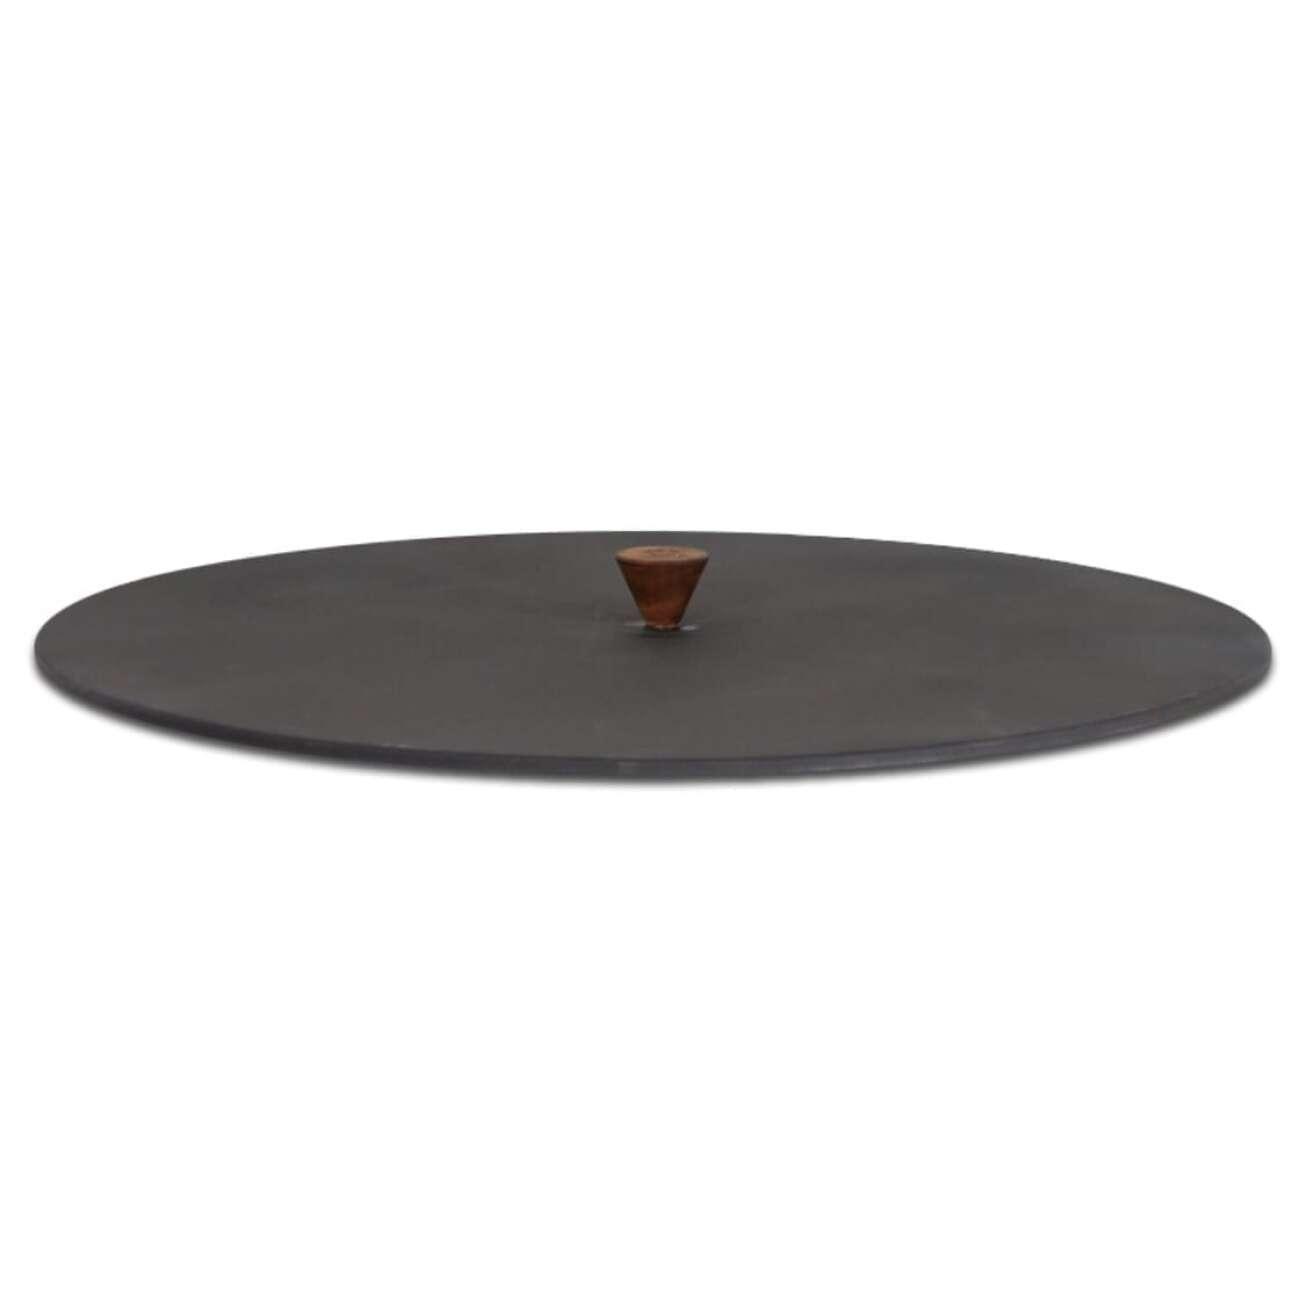 Ofyr Cover Black 100 Hagemøbler og utemøbler - Fine design